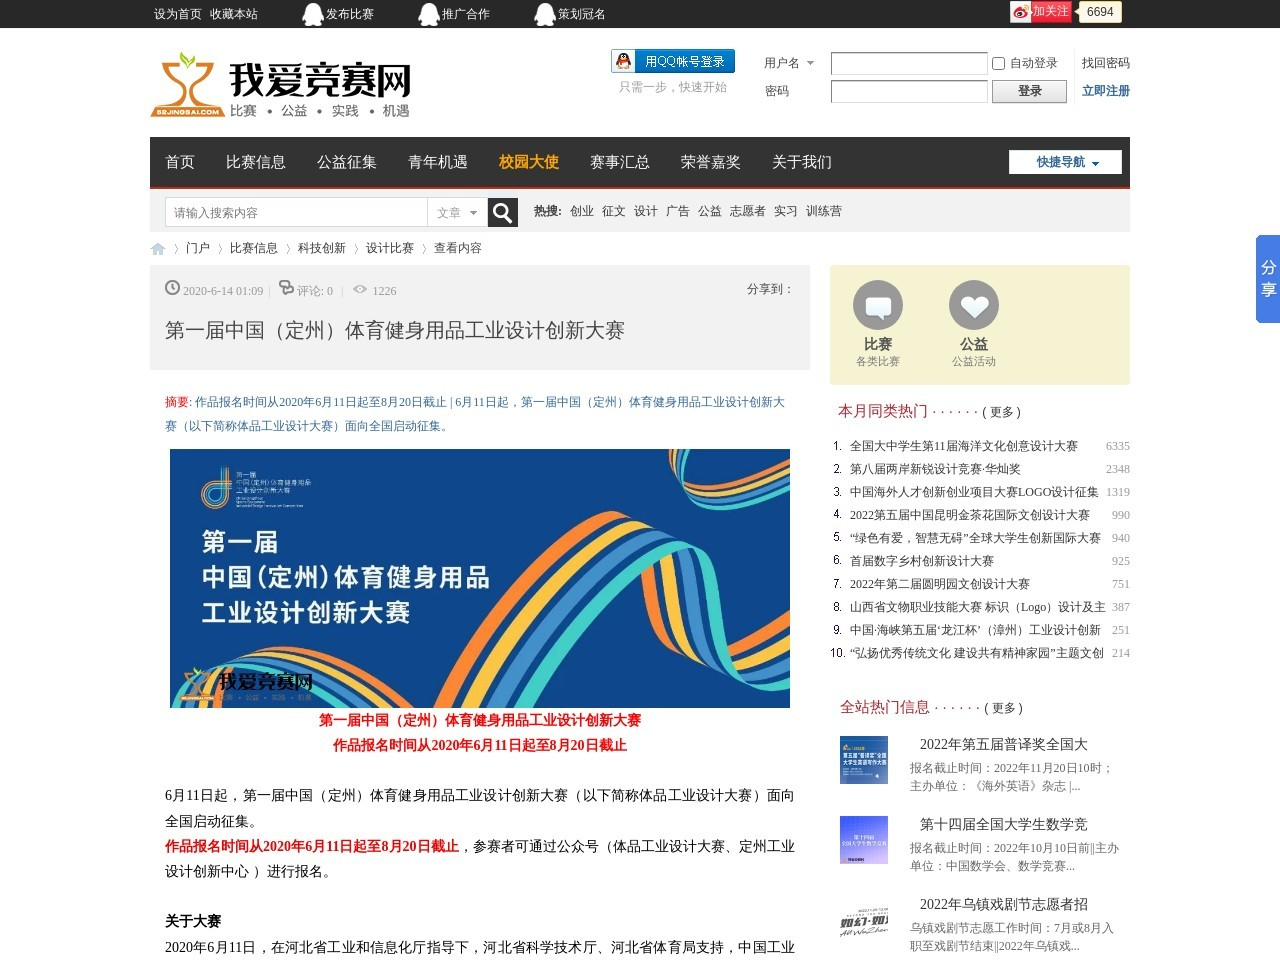 第一届中国(定州)体育健身用品工业设计创新大赛